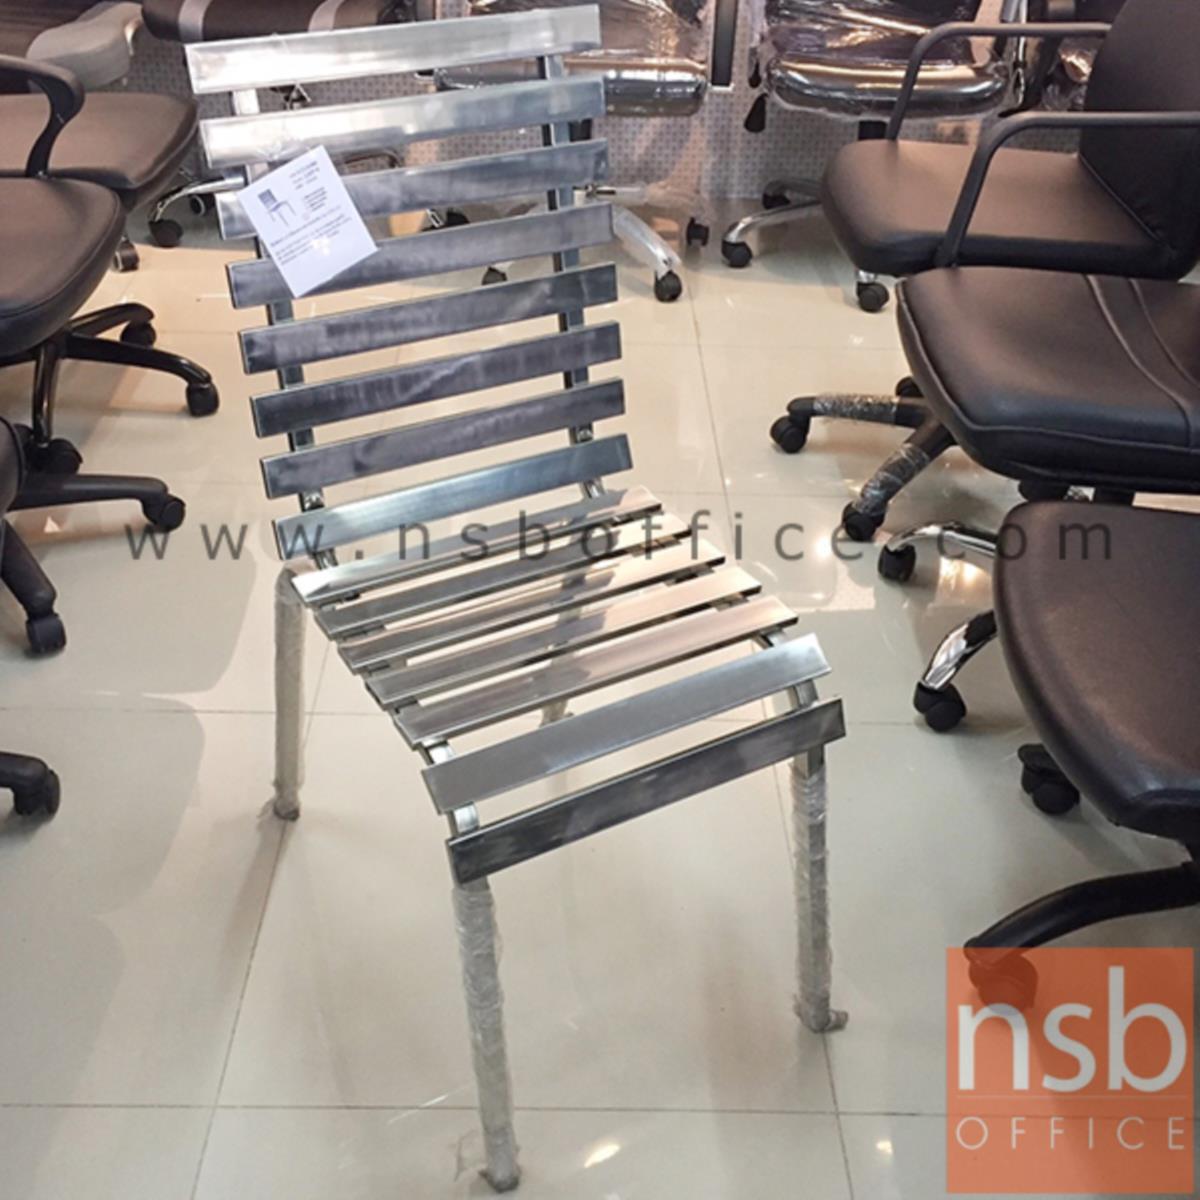 เก้าอี้อเนกประสงค์สแตนเลส รุ่น Adah (เอดาห์)   ขาสเตนเลส